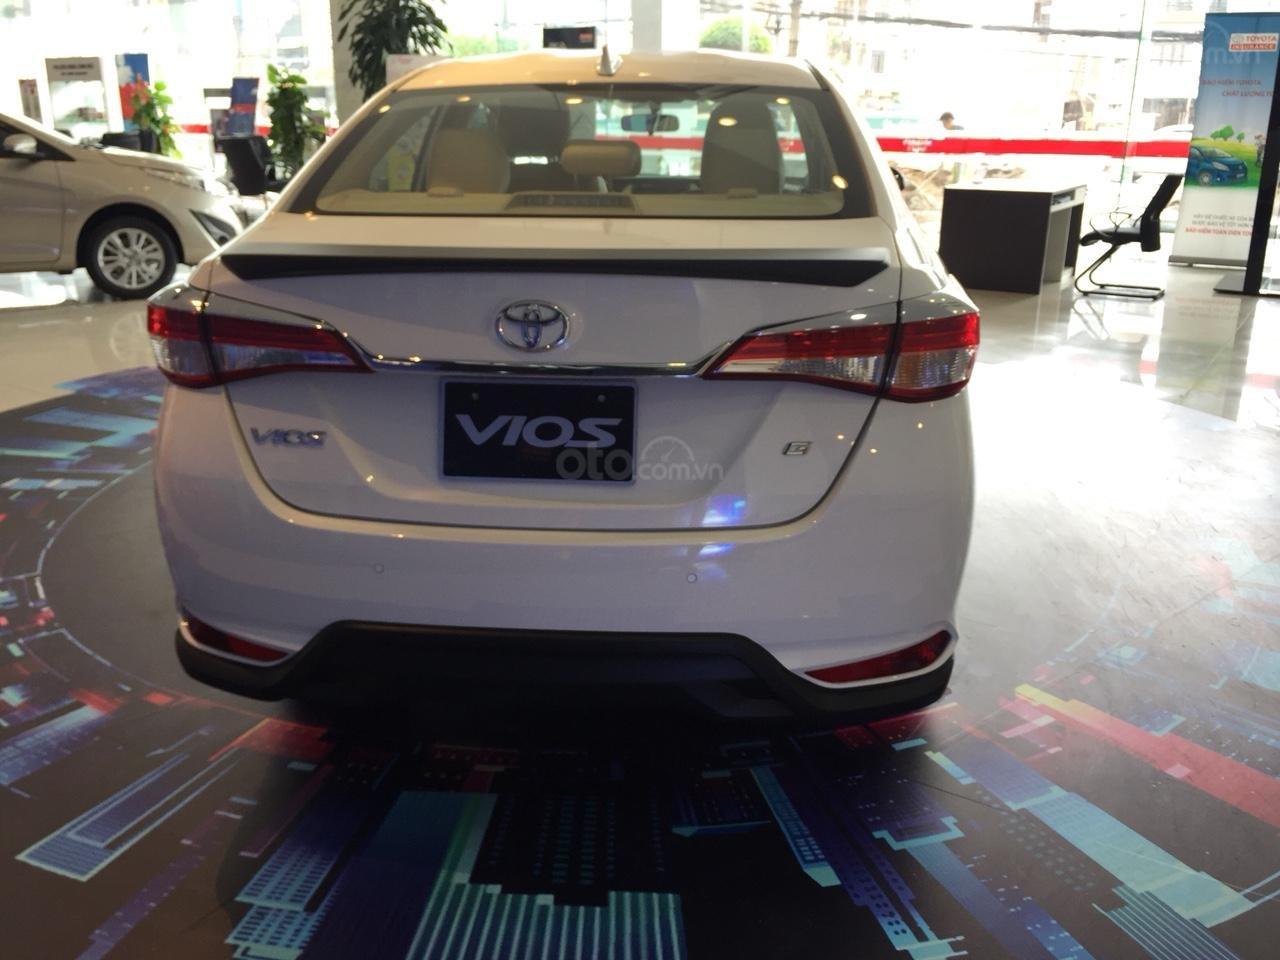 Giá xe Toyota Vios 1.5G 2019, giảm sập sàn, tặng bảo hiểm thân vỏ, hỗ trợ trả góp, chi tiết LH ngay 0978835850 (10)